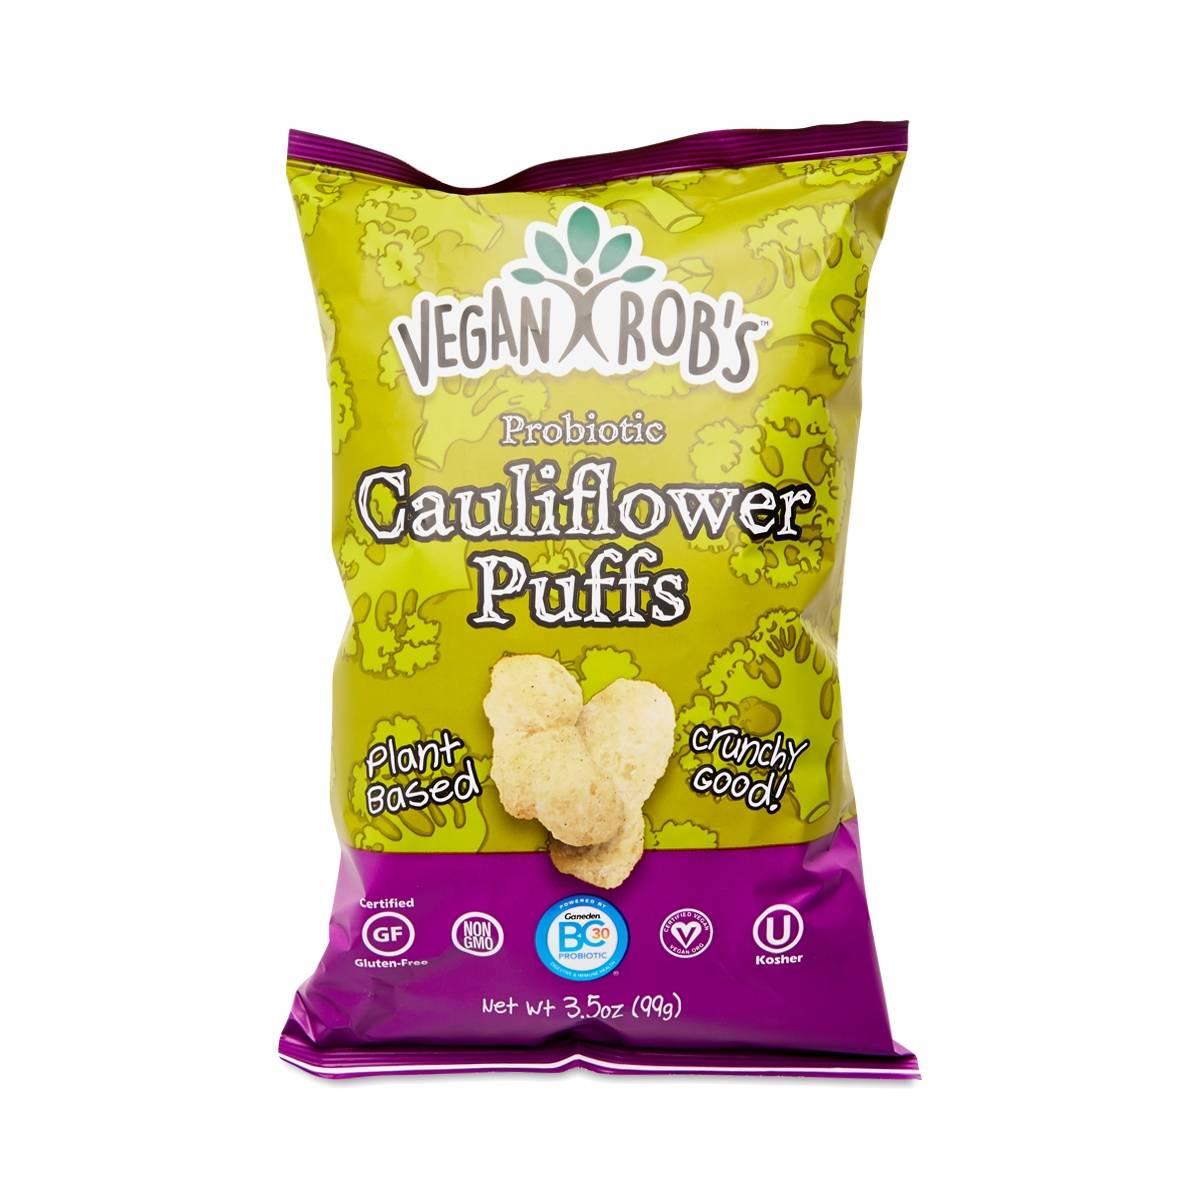 Probiotic Cauliflower Puffs By Vegan Rob S Thrive Market